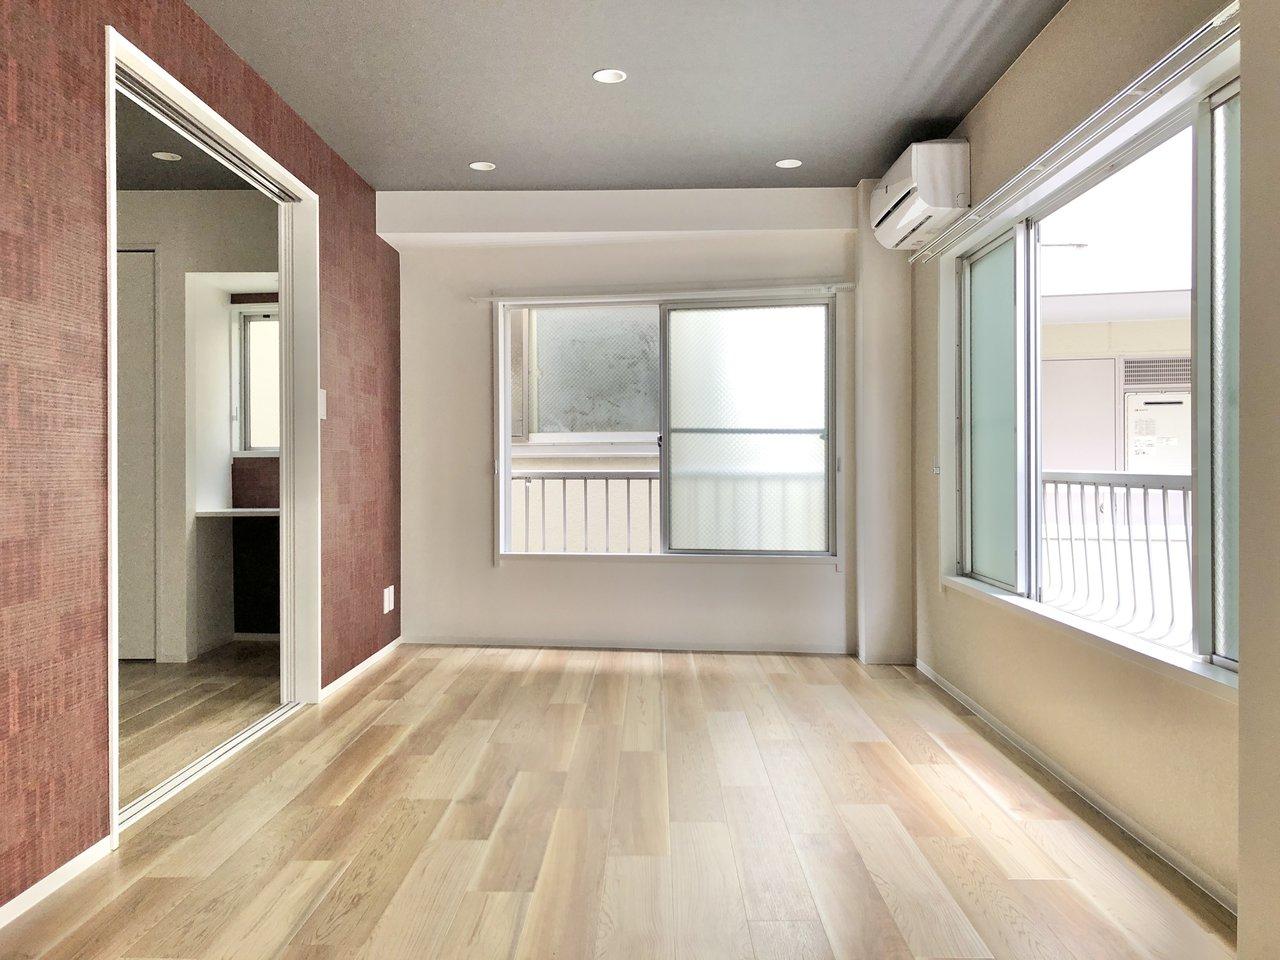 お隣の洋室と繋げて広々と使うこともできます。2人掛けのソファを置いてのんびりと過ごすのもいいかもしれませんね。